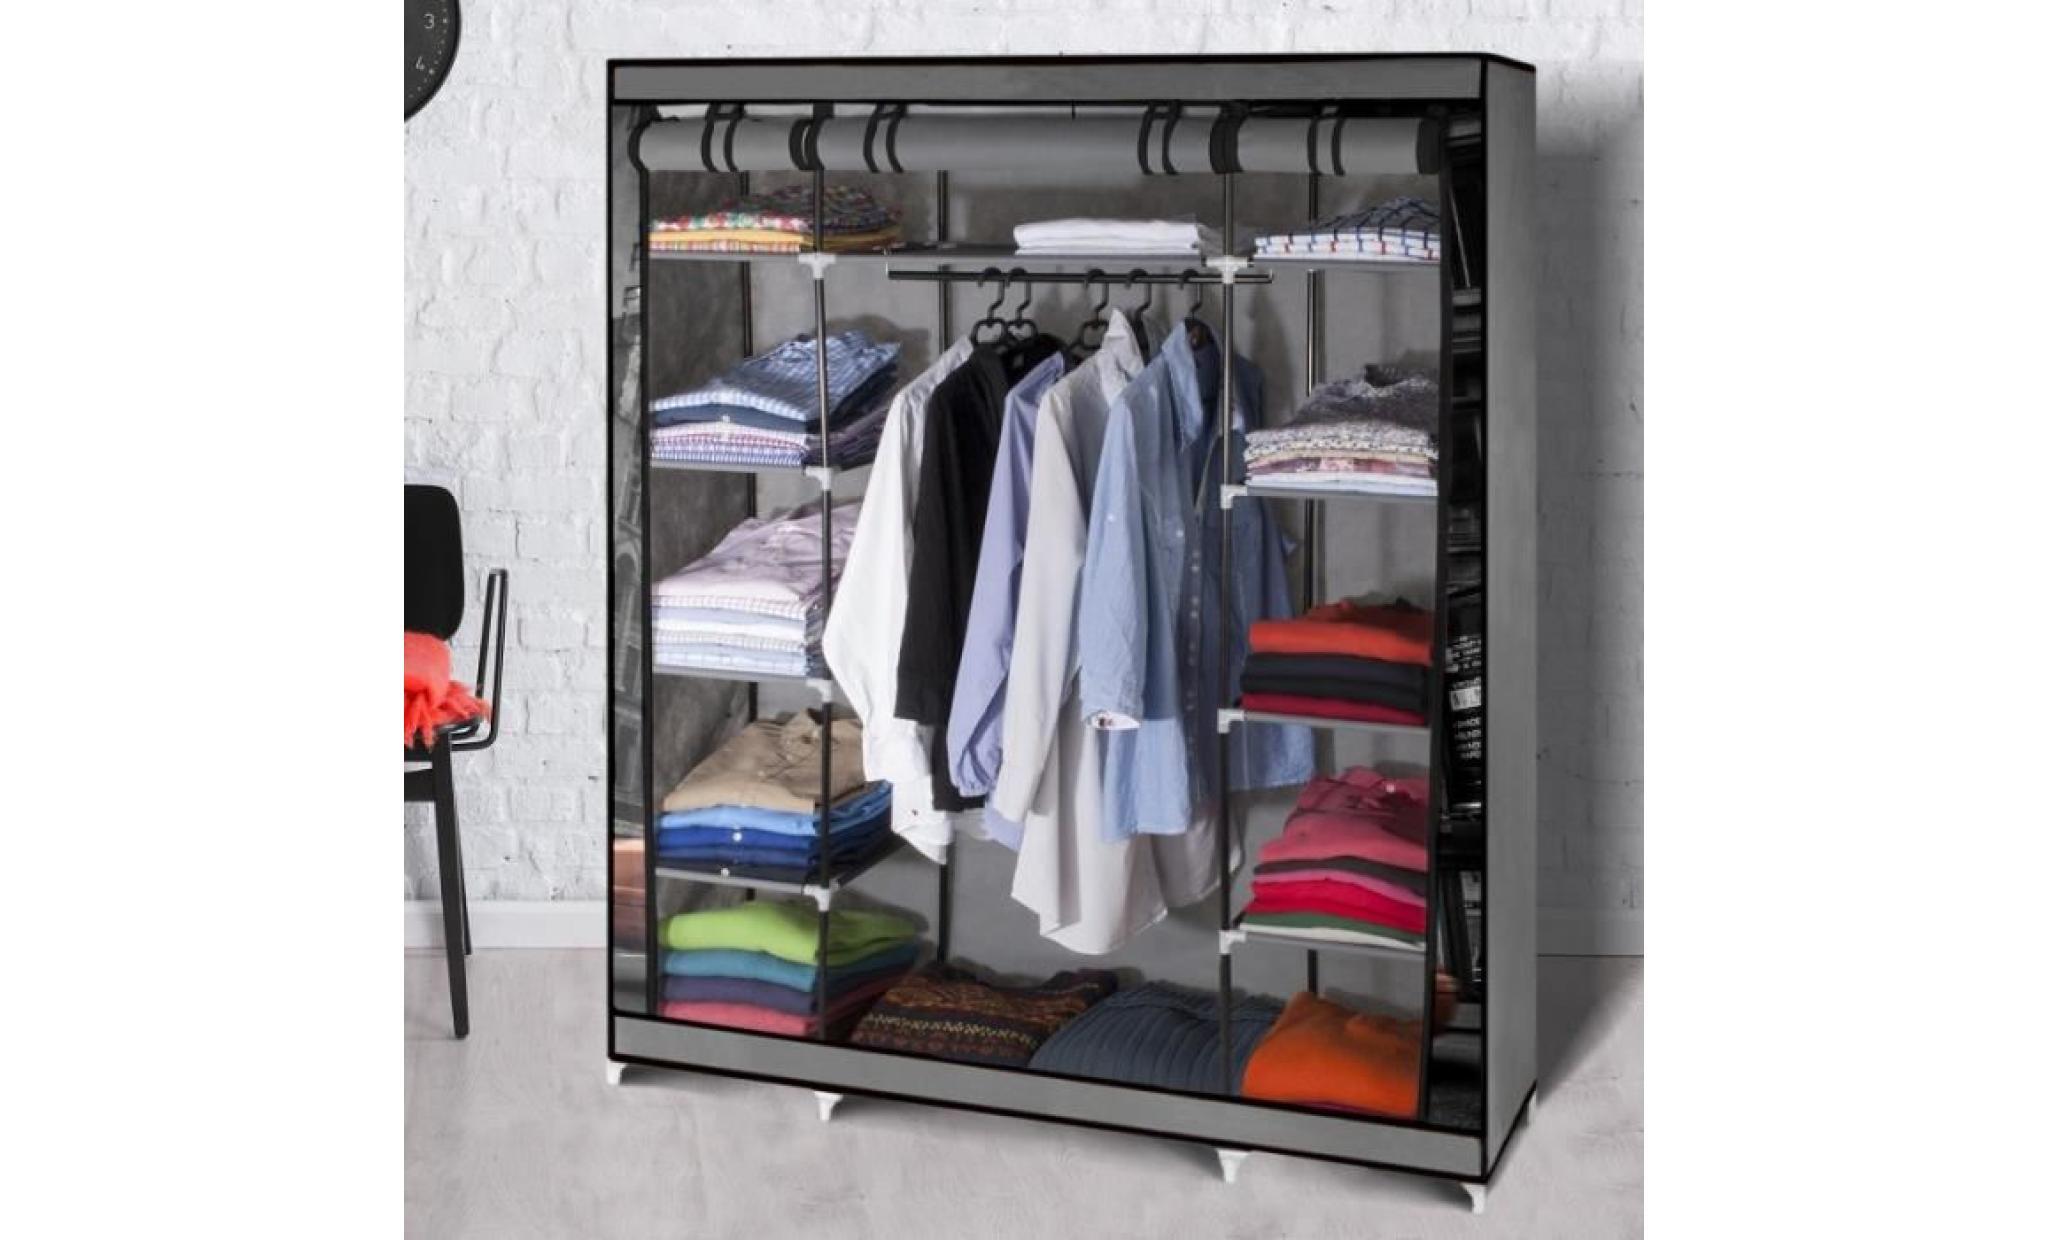 Armoire De Rangement New York Dressing Penderie Xxl Tissu Achat Vente Armoire Pas Cher Couleur Et Design Fr